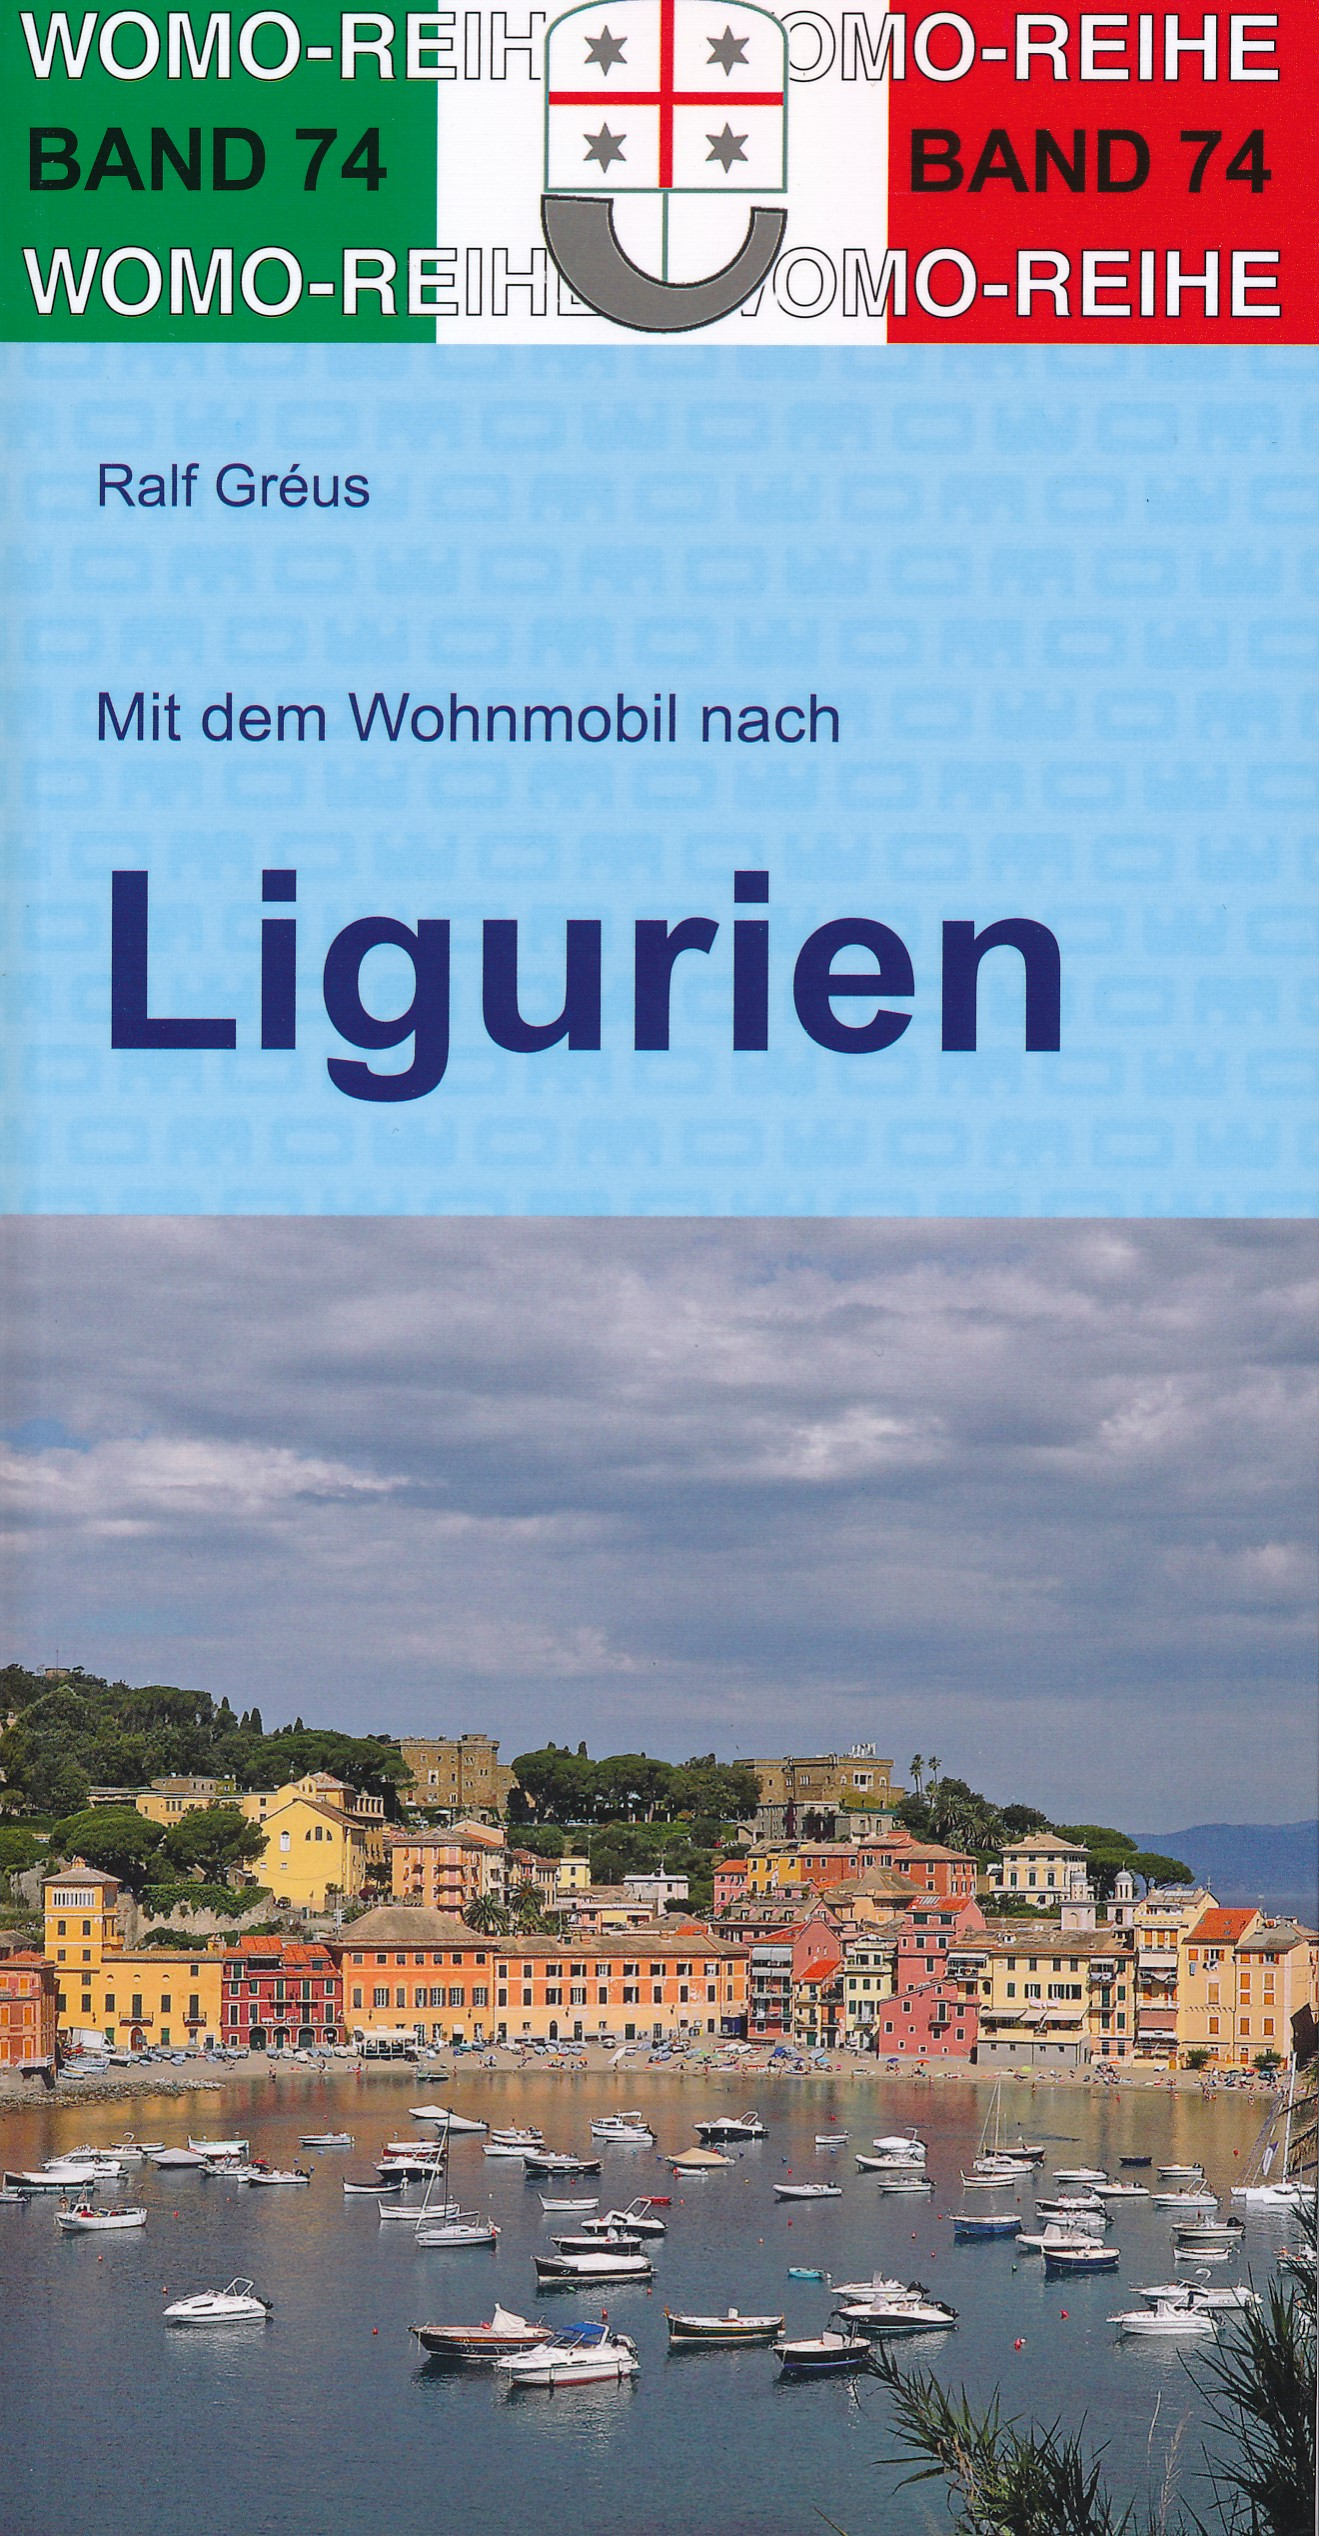 Online bestellen: Campergids 74 Mit dem Wohnmobil durch Ligurien - Ligurië | WOMO verlag